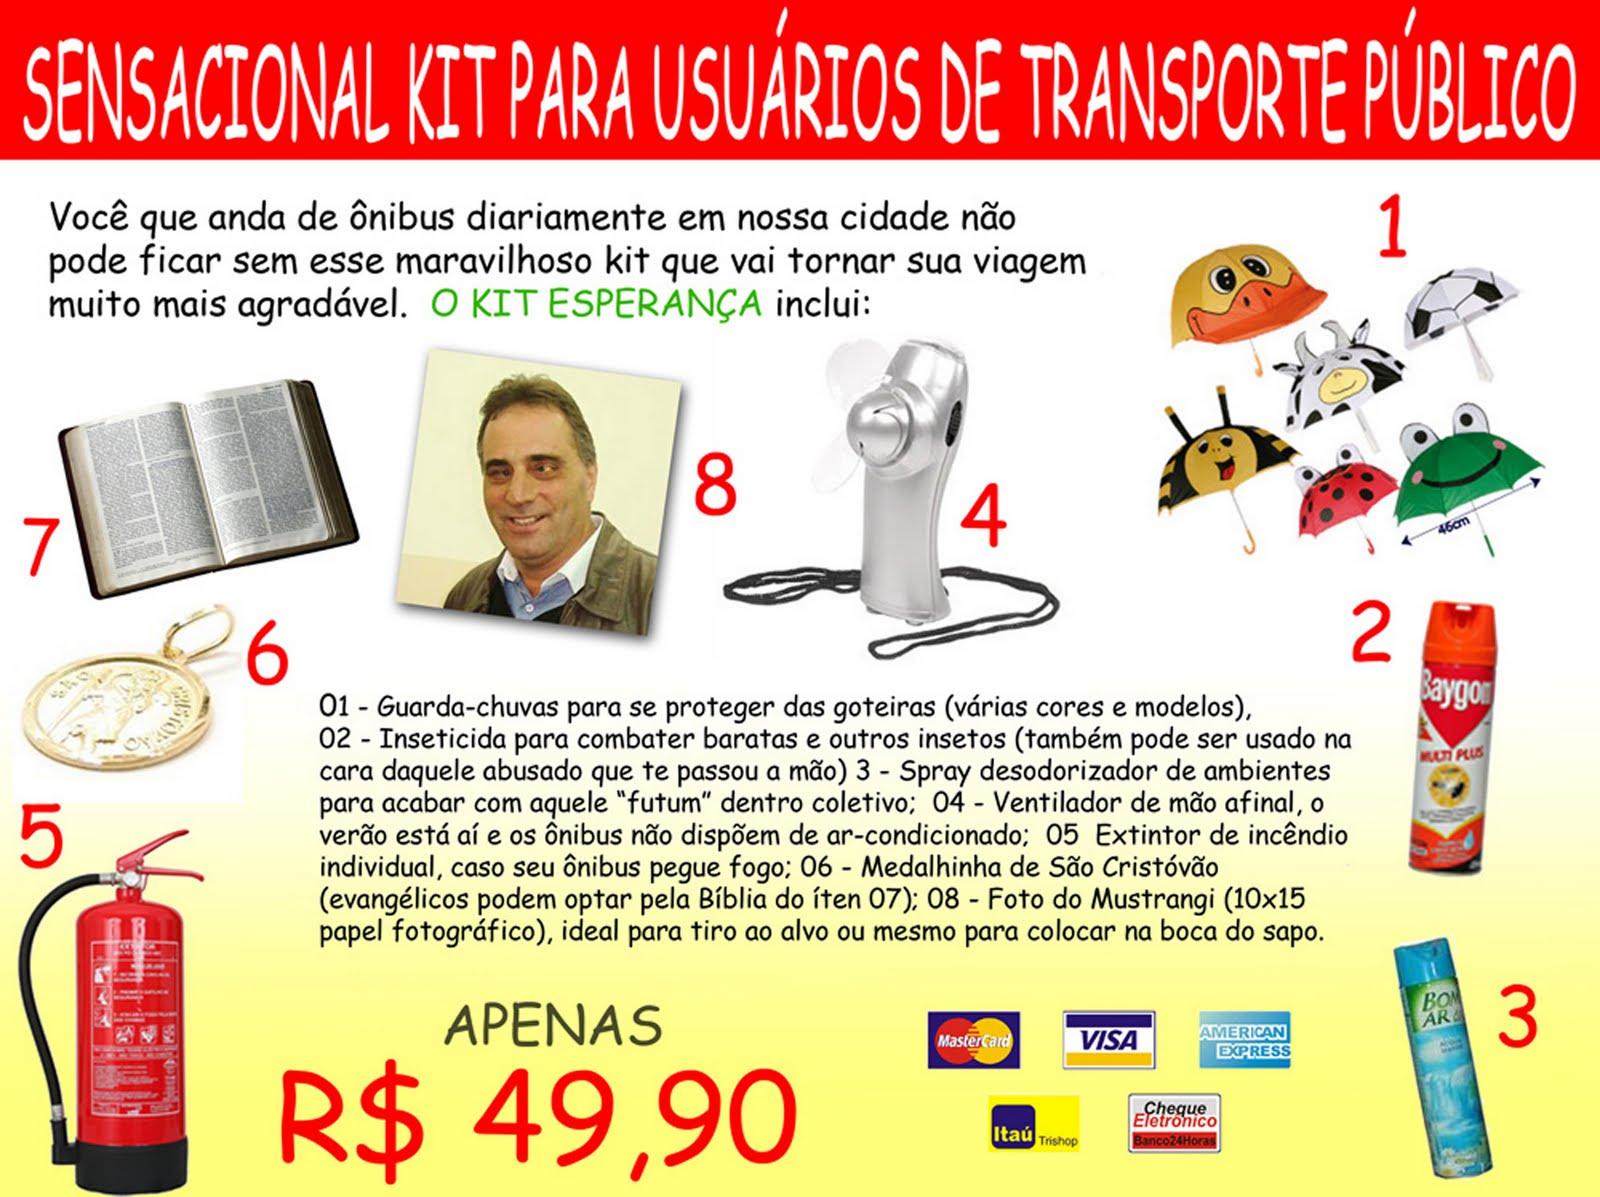 143b87a832 Postado por Roberto Marcio às 04 05 Nenhum comentário